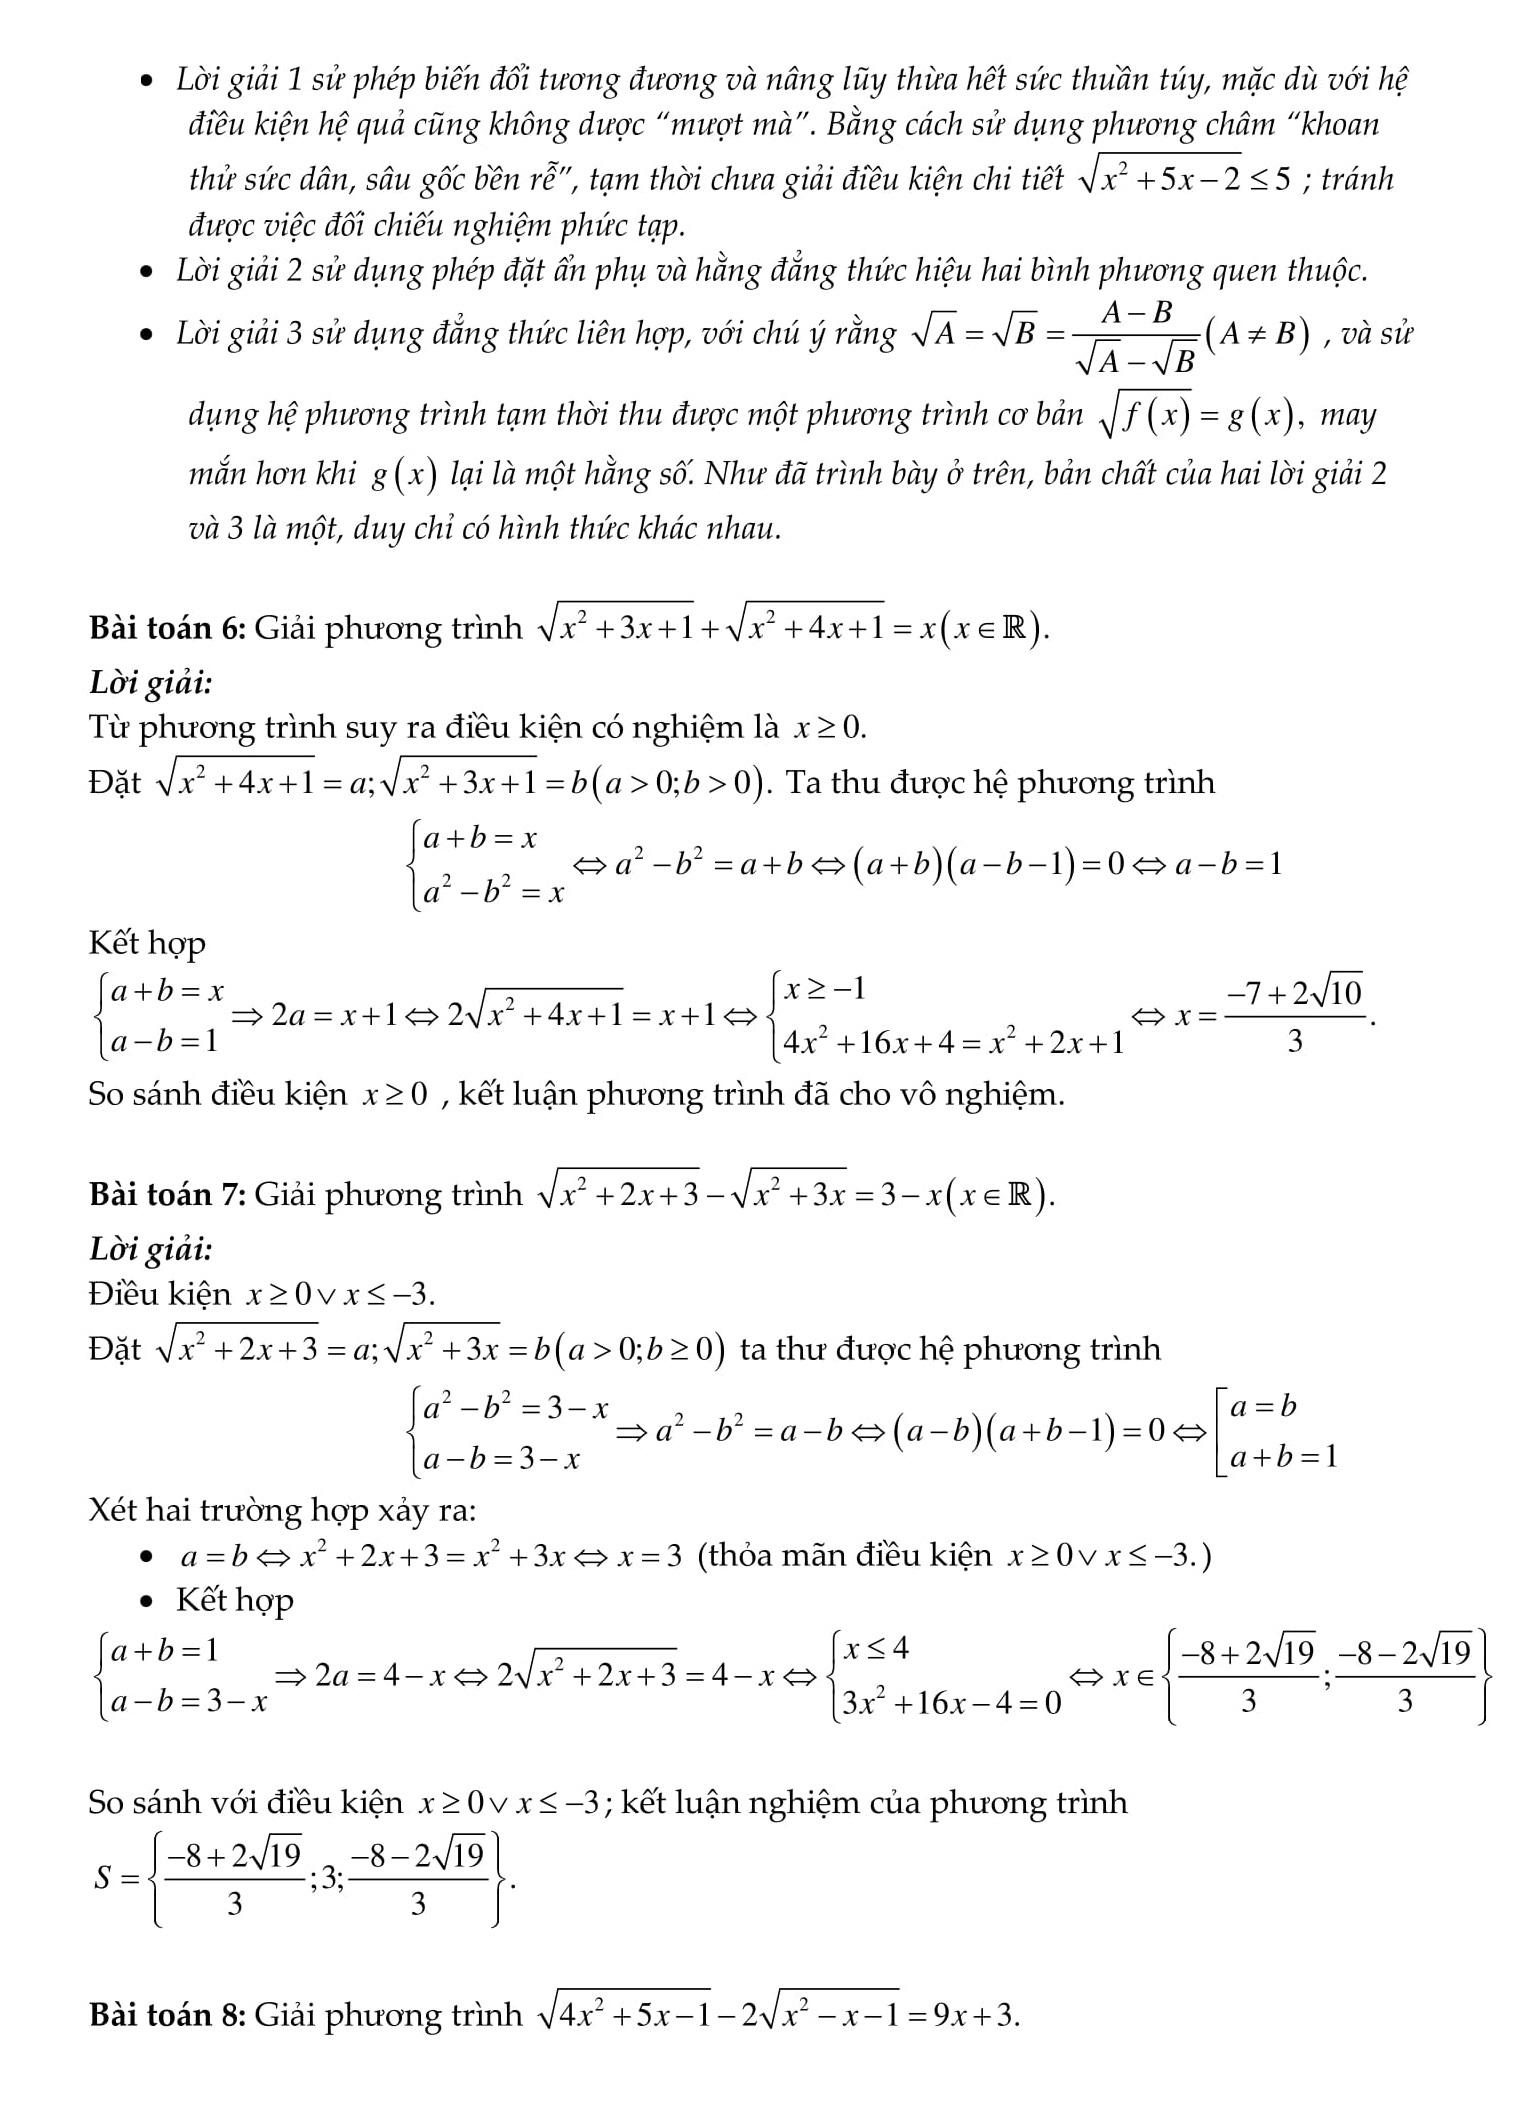 Chuyên đề toán 9: Phương trình vô tỉ